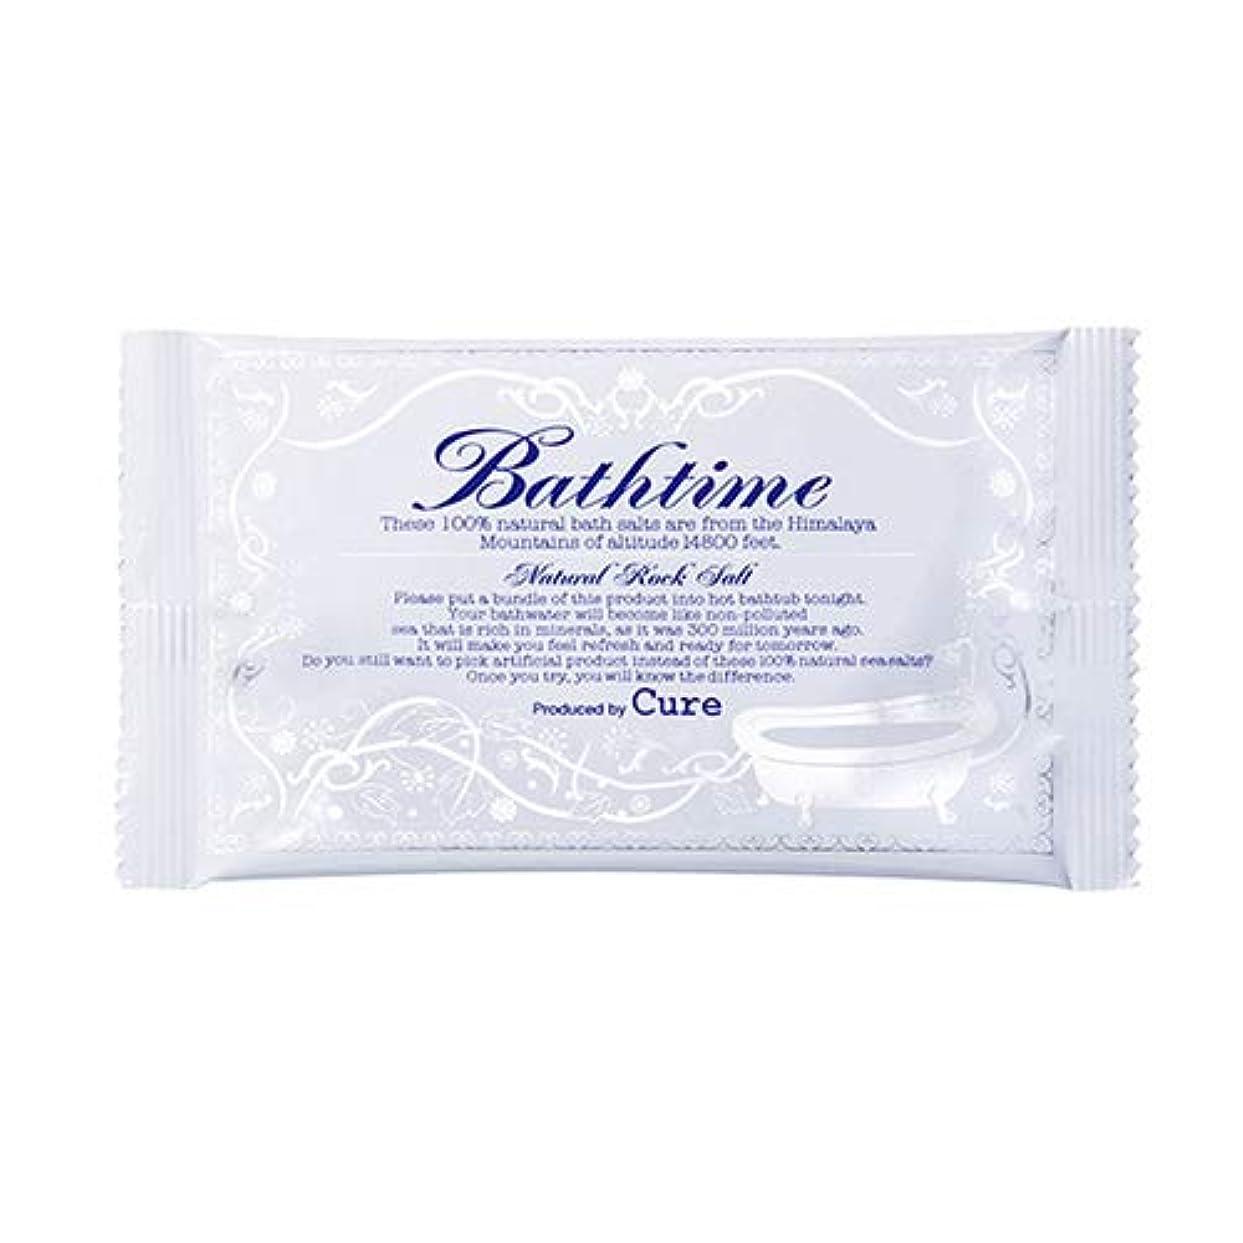 バウンドデザート木バスタイム (20g) Cure 温浴系バスソルト 入浴剤